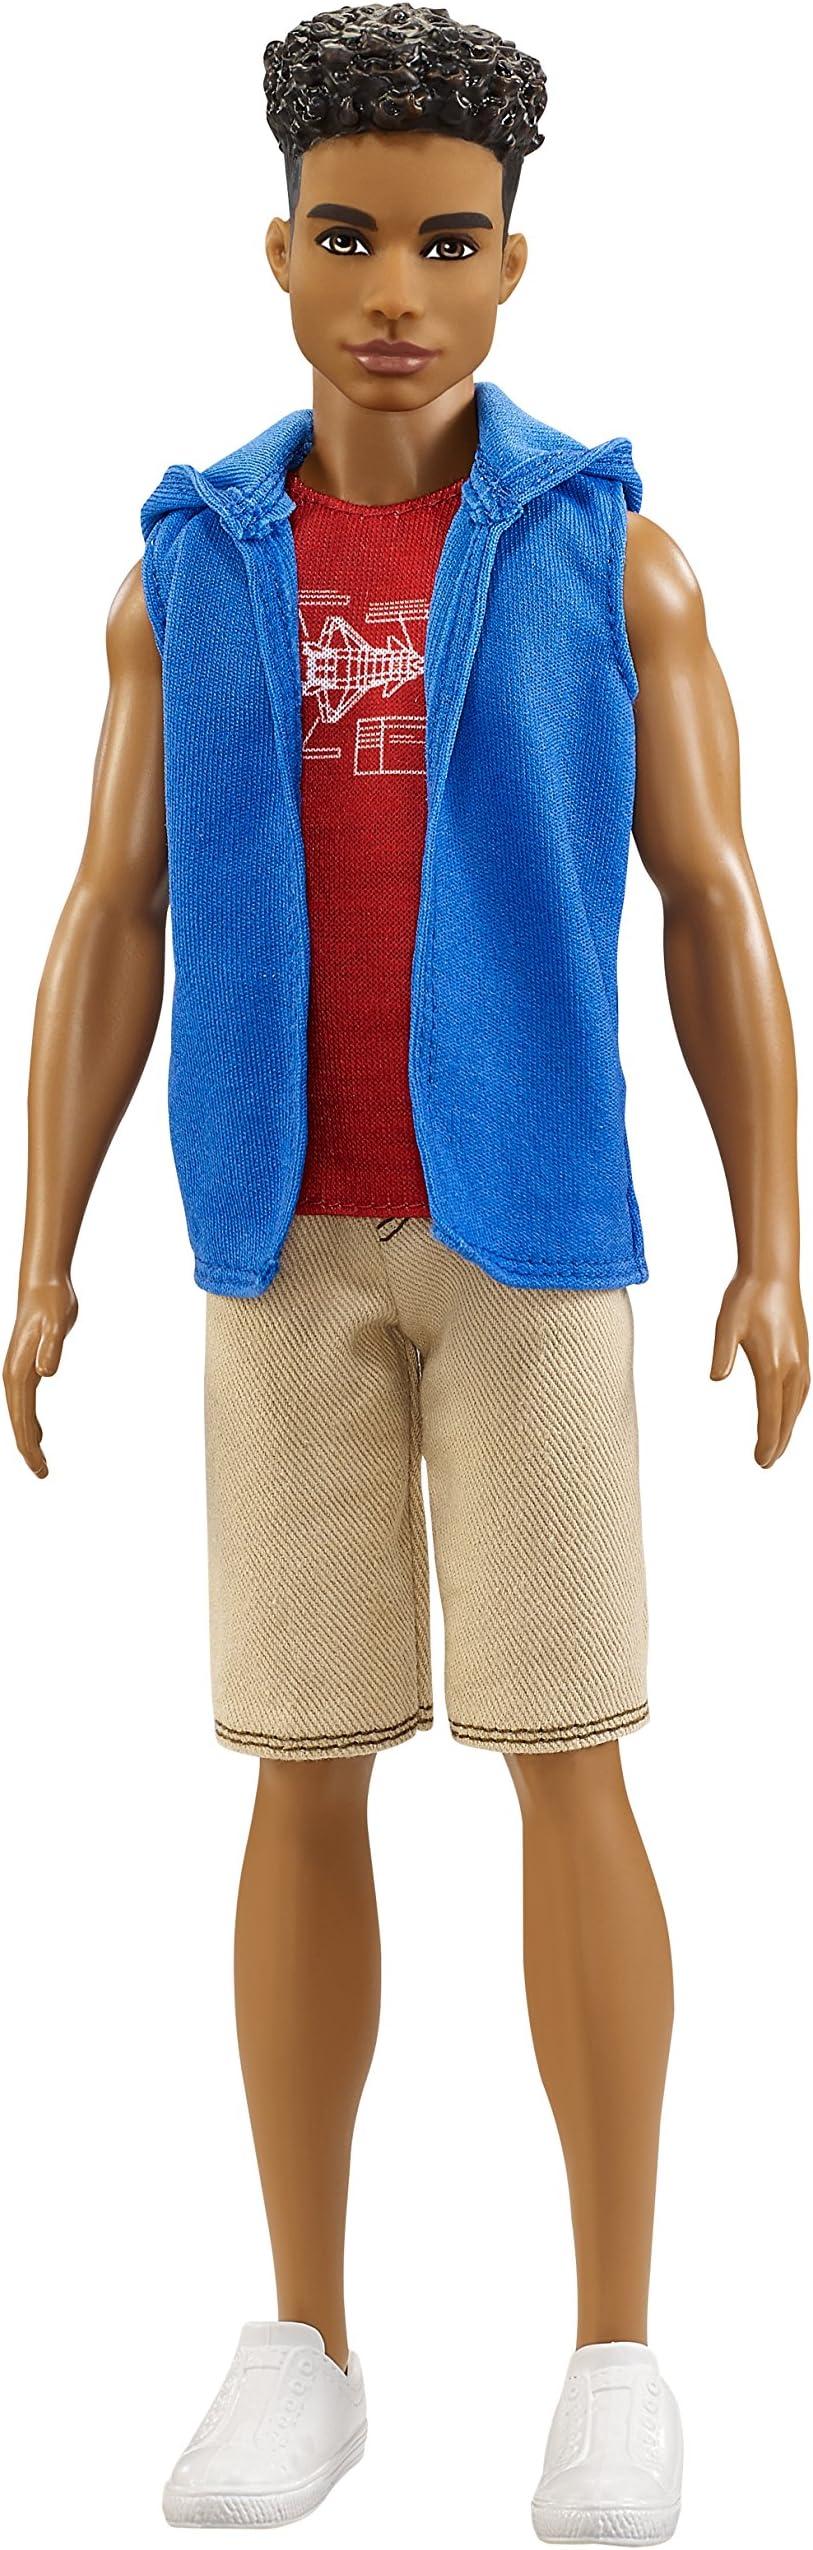 MATTEL DC COMIC ANIMES HOODIE TOP SHIRT BARBIE FASHIONISTAS FASHION CLOTHES